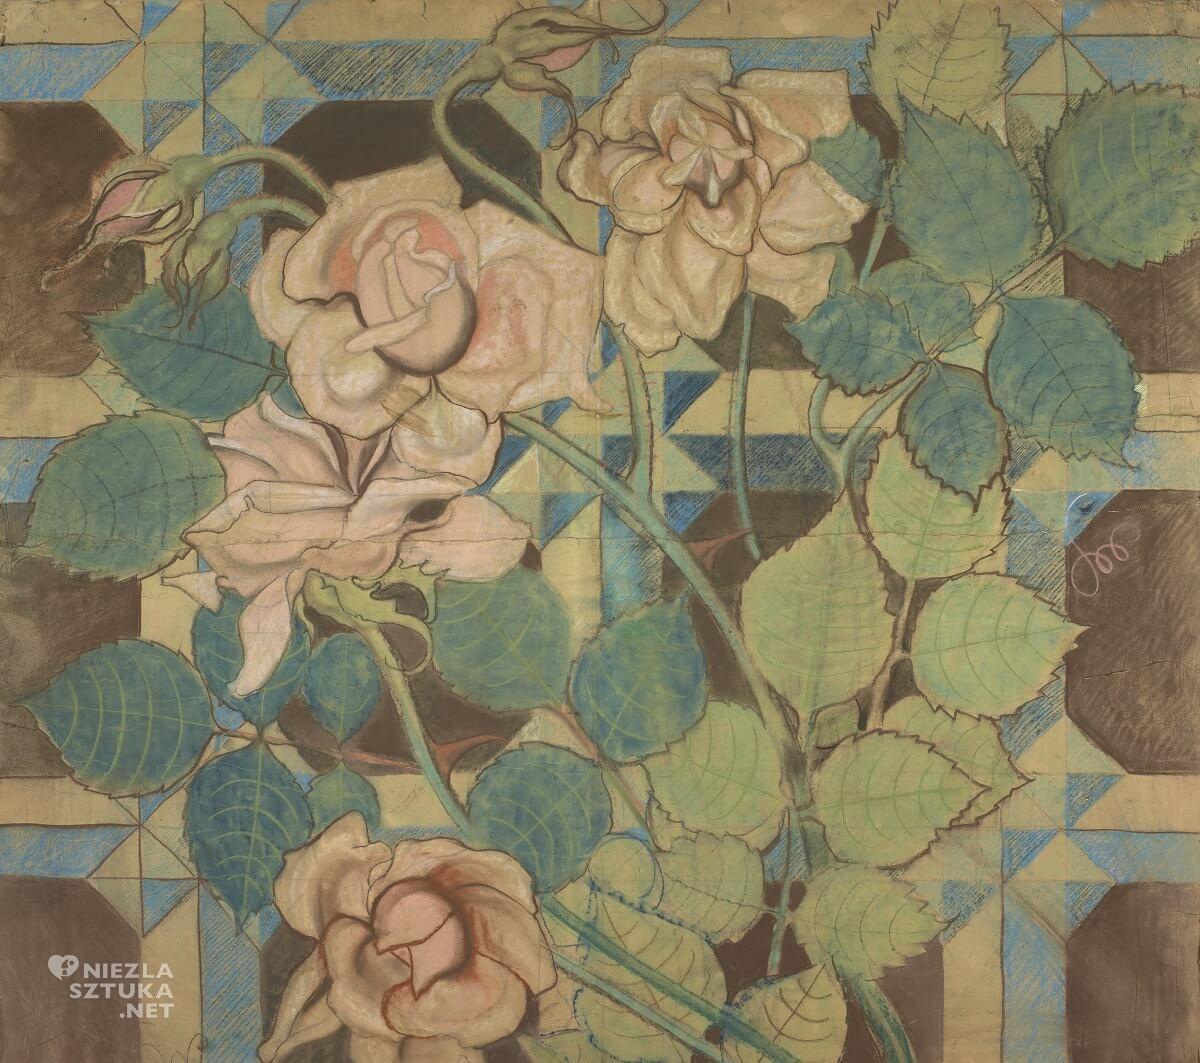 Stanisław Wyspiański, Róże, polichromia, franciszkanie, Kraków, Niezła sztuka